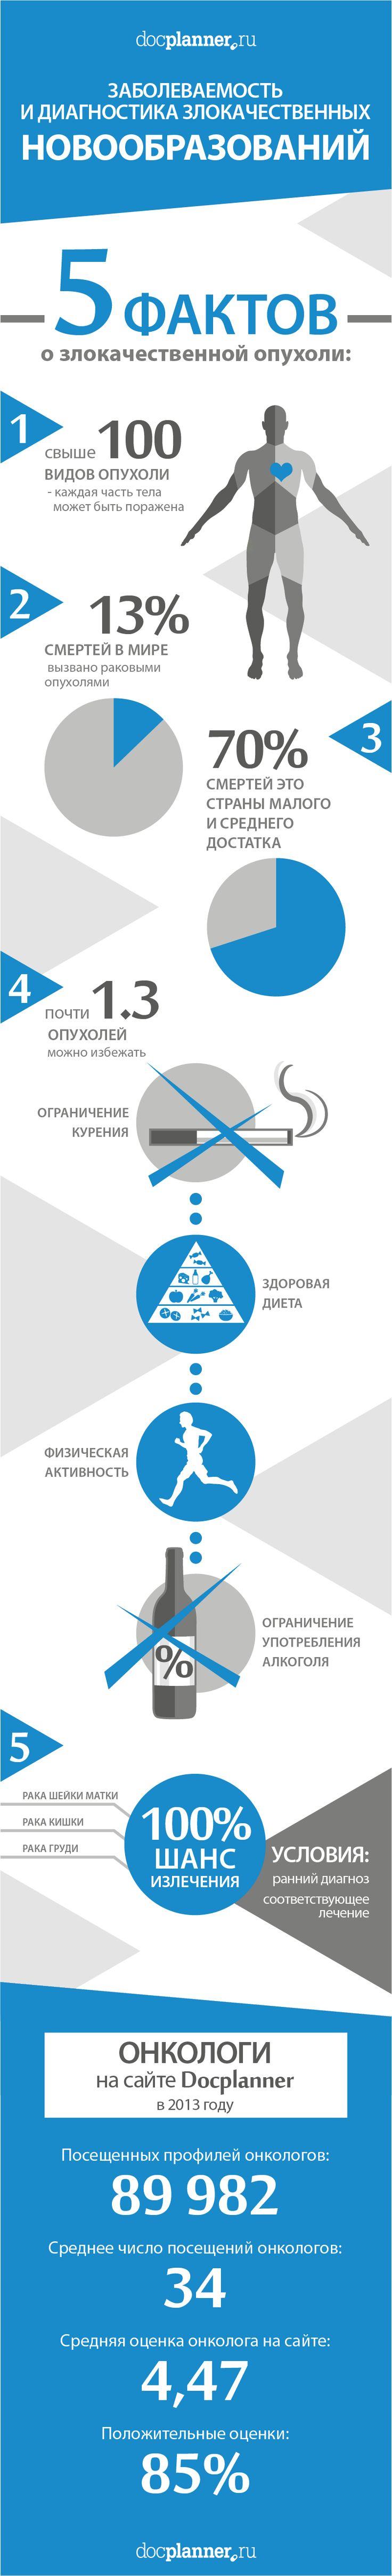 Злокачественные новообразования - заболеваемость, диагностика и информация про онкологов на сайте http://www.docplanner.ru/onkolog